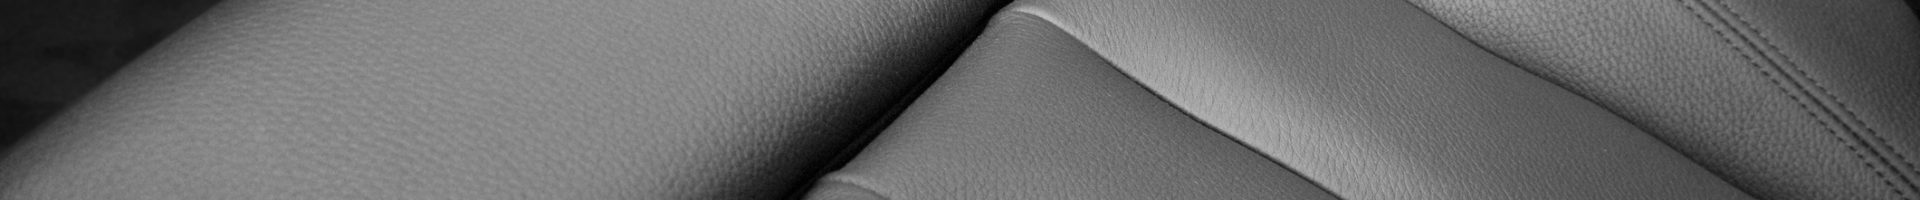 Z jakich materiałów są wykonywane pokrowce do samochodów?